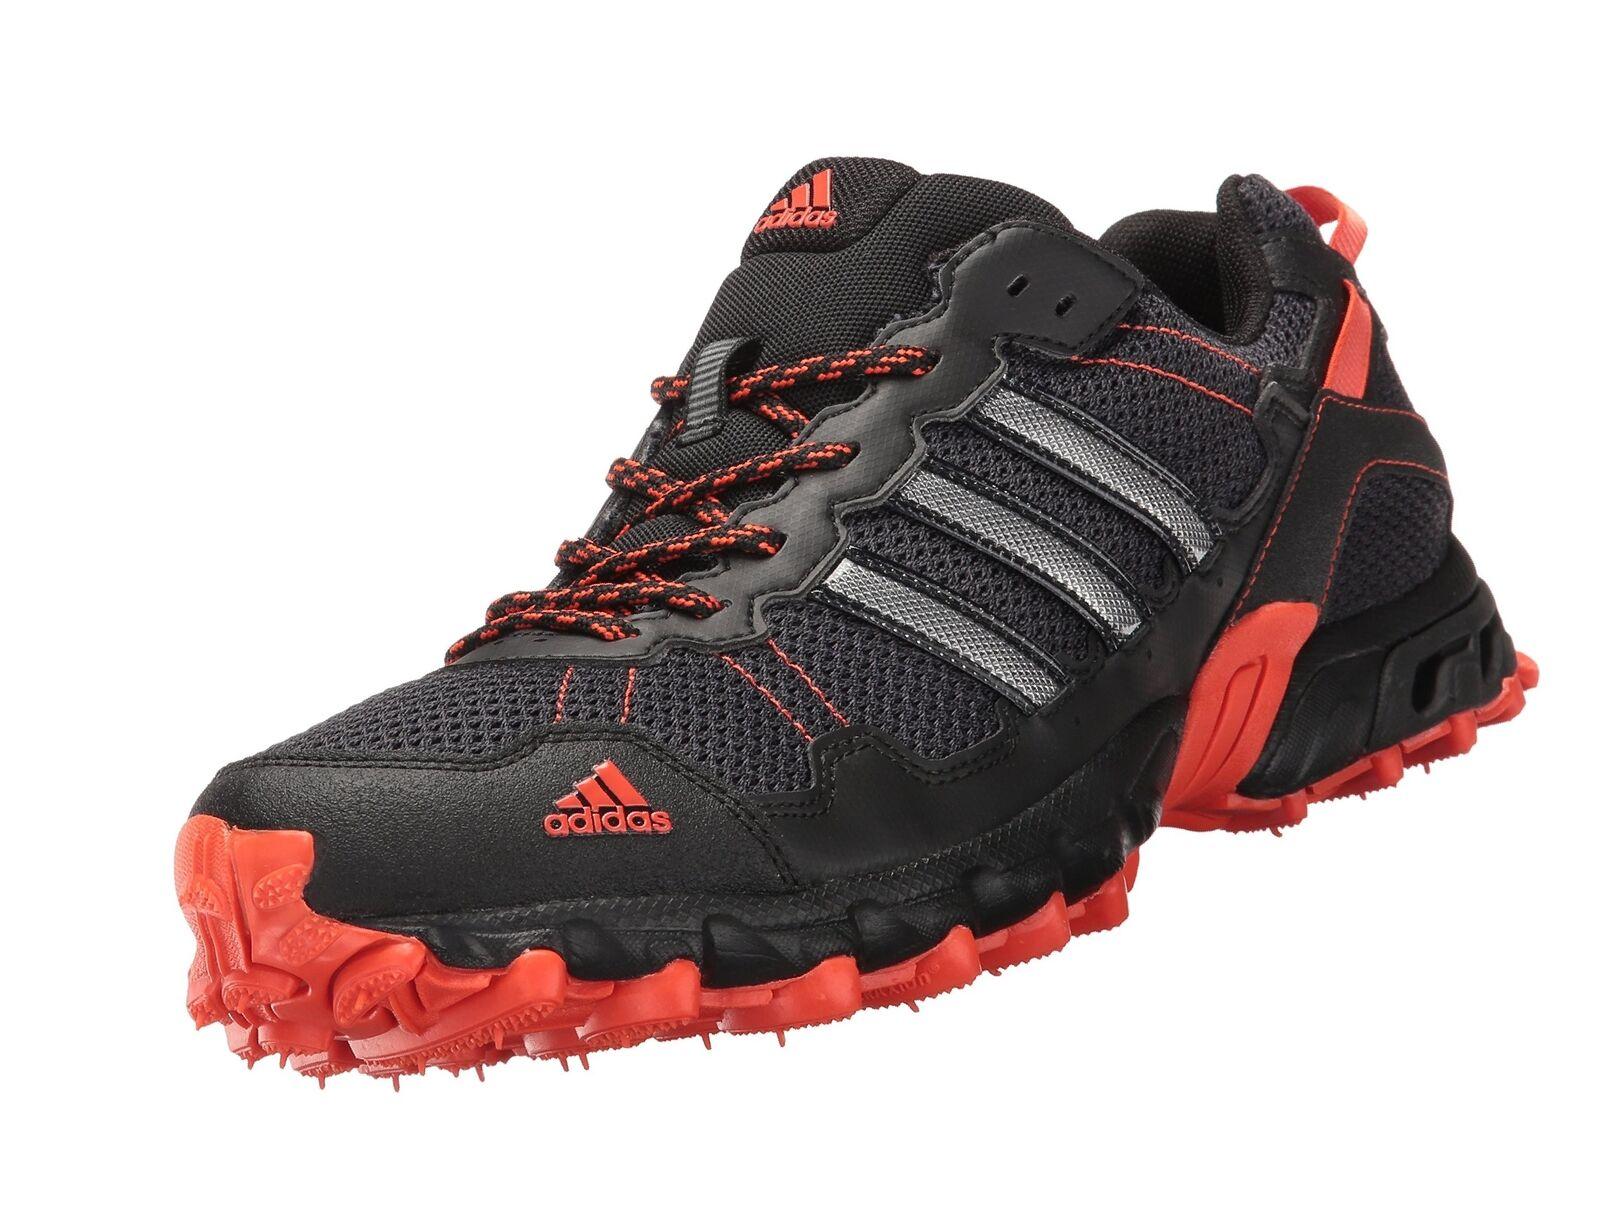 Adidas männer rockadia spur m laufschuh schwarz 11 / schwarz / energie 11 schwarz dprice verringerung neue ec90db